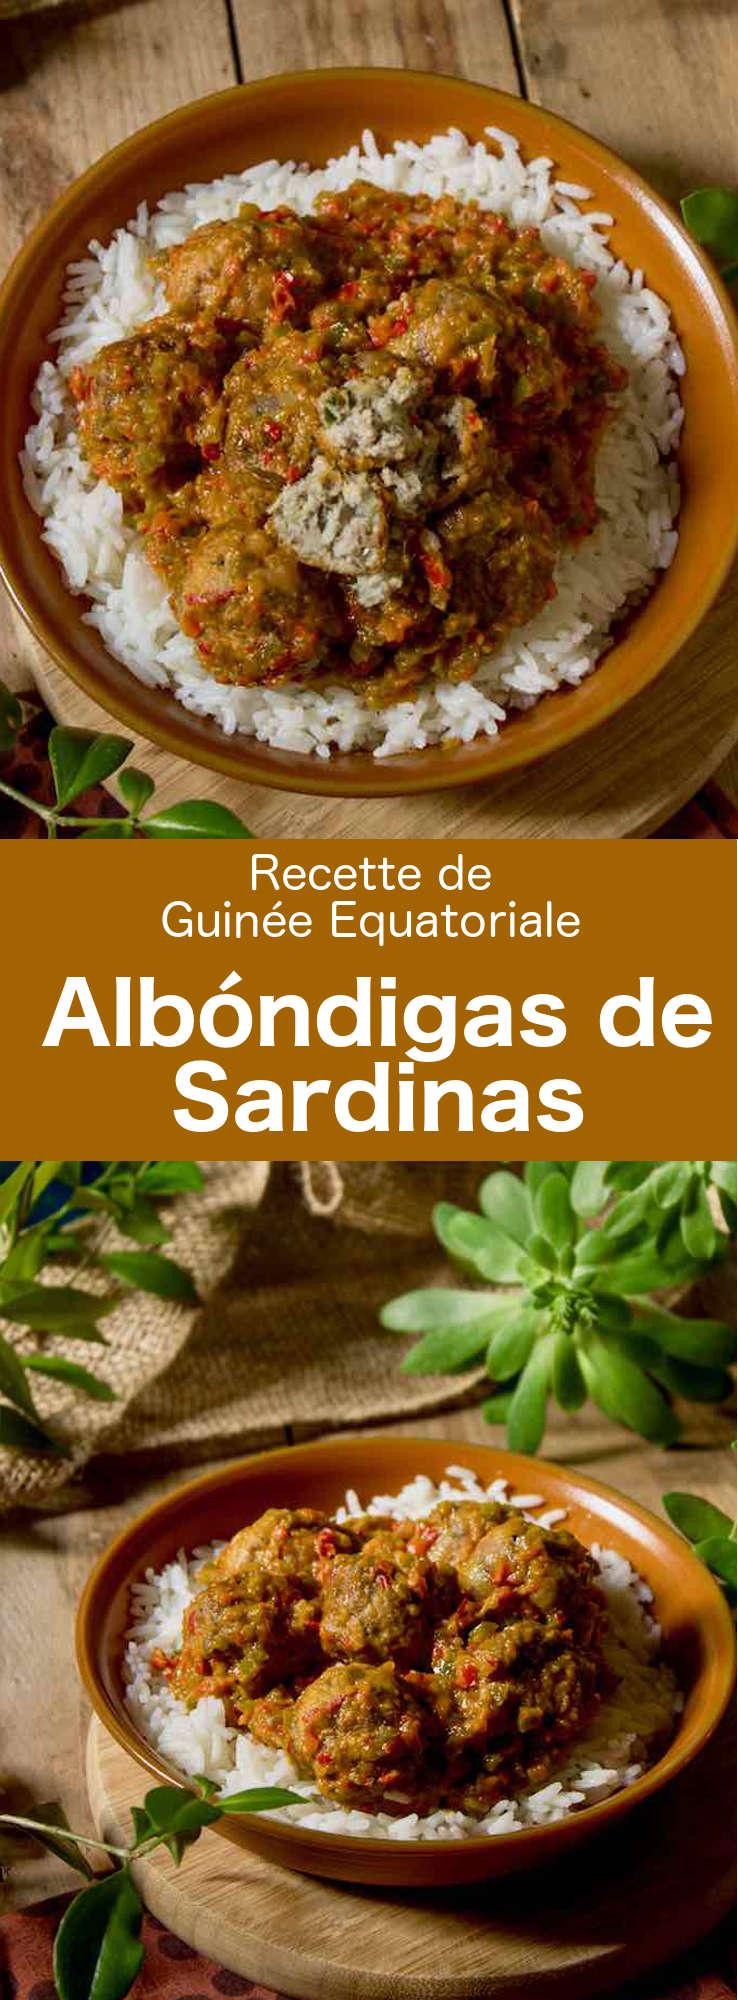 Les albóndigas de sardinas sont des boulettes de sardines pimentées traditionnelles en Guinée Équatoriale. #GuinéeEquatoriale #CuisineAfricaine #RecetteAfricaine #CuisineDuMonde #196flavors